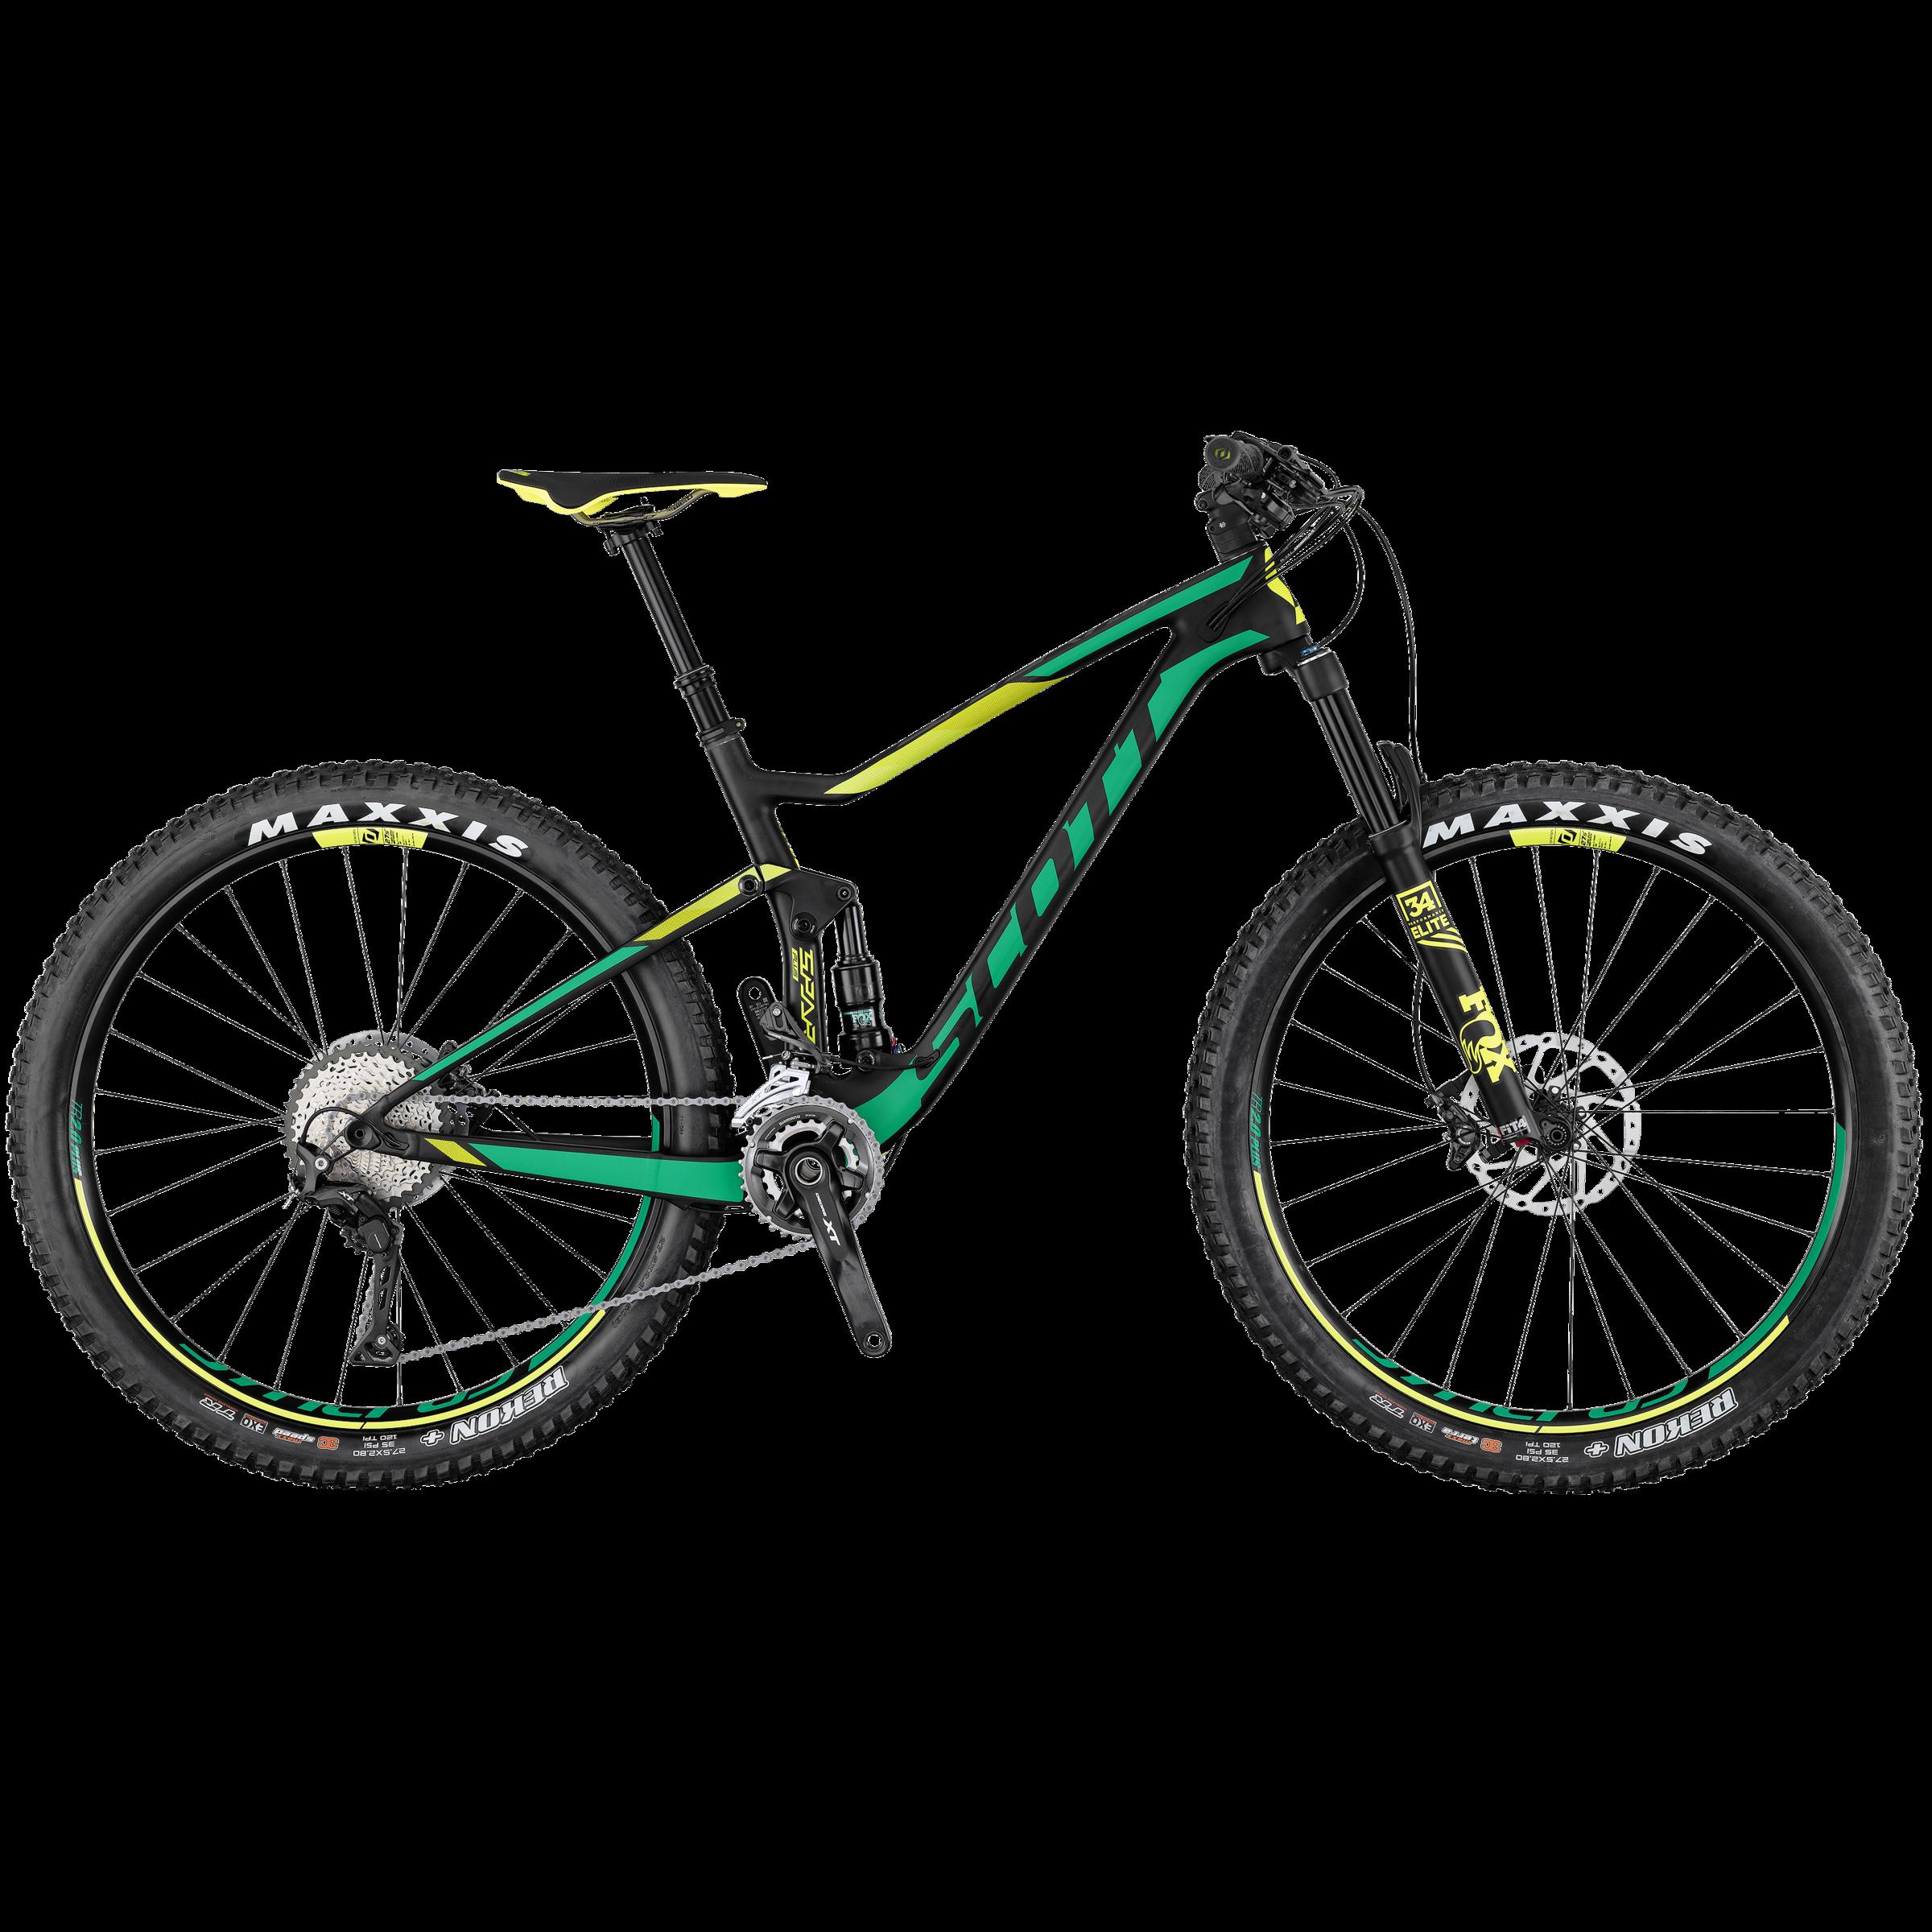 0adf38200a8 Scott Contessa Spark 710 Plus - Bicycle Village